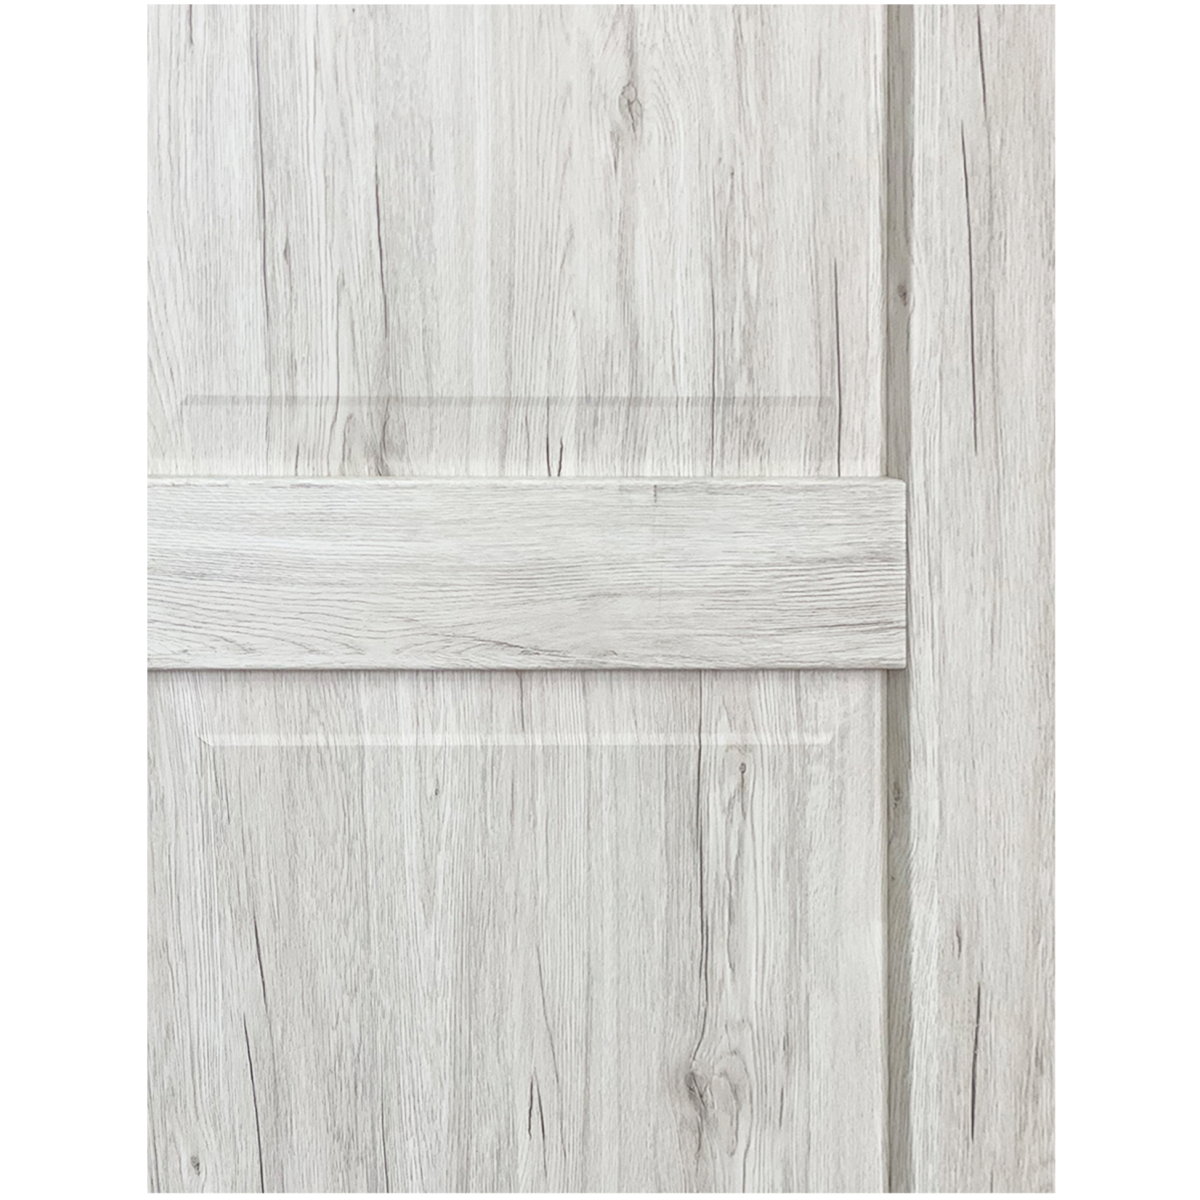 Дверь Межкомнатная Амелия 90Х200 С Фурнитурой Пвх Цвет Рустик Серый